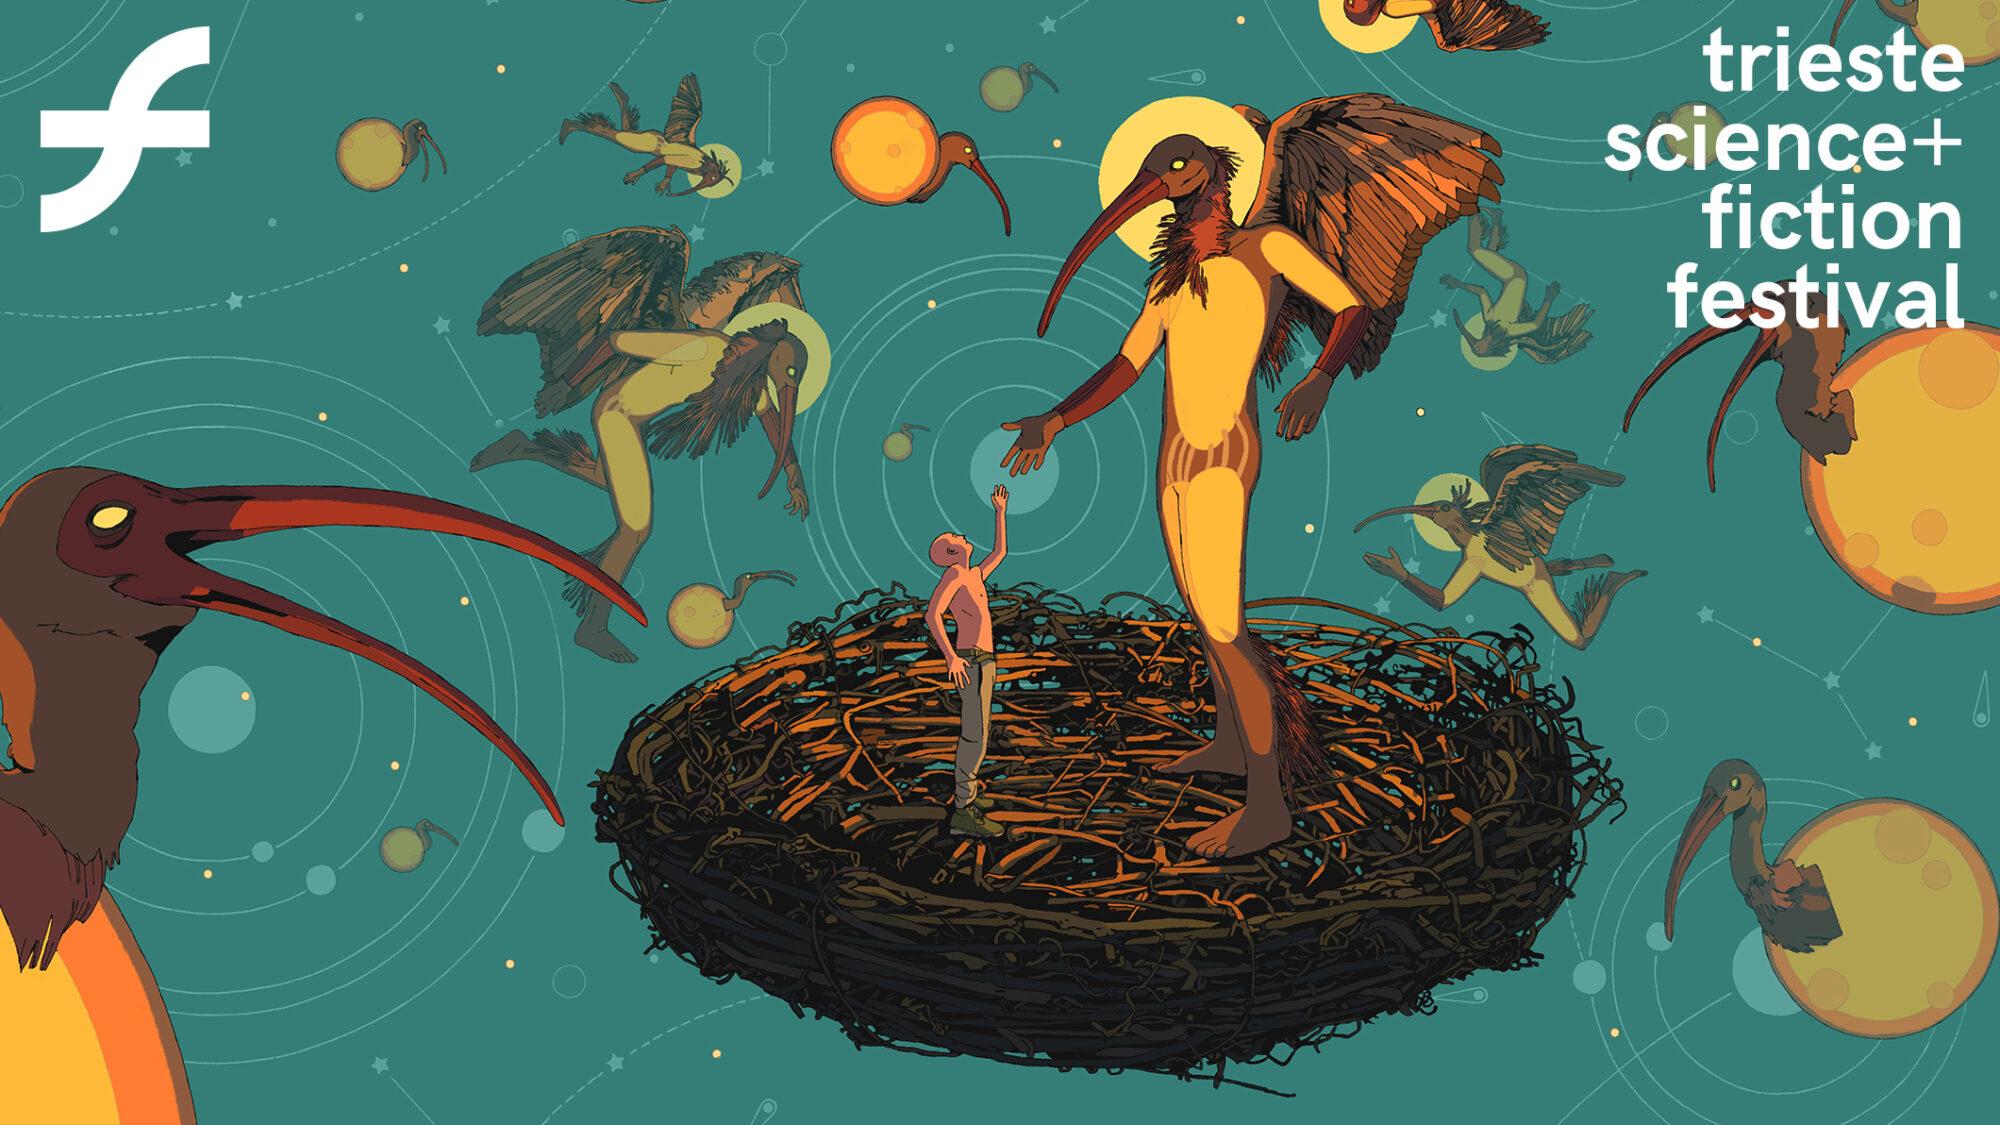 Trieste Science+Fiction Festival, ecco il poster di Jacopo Starace thumbnail